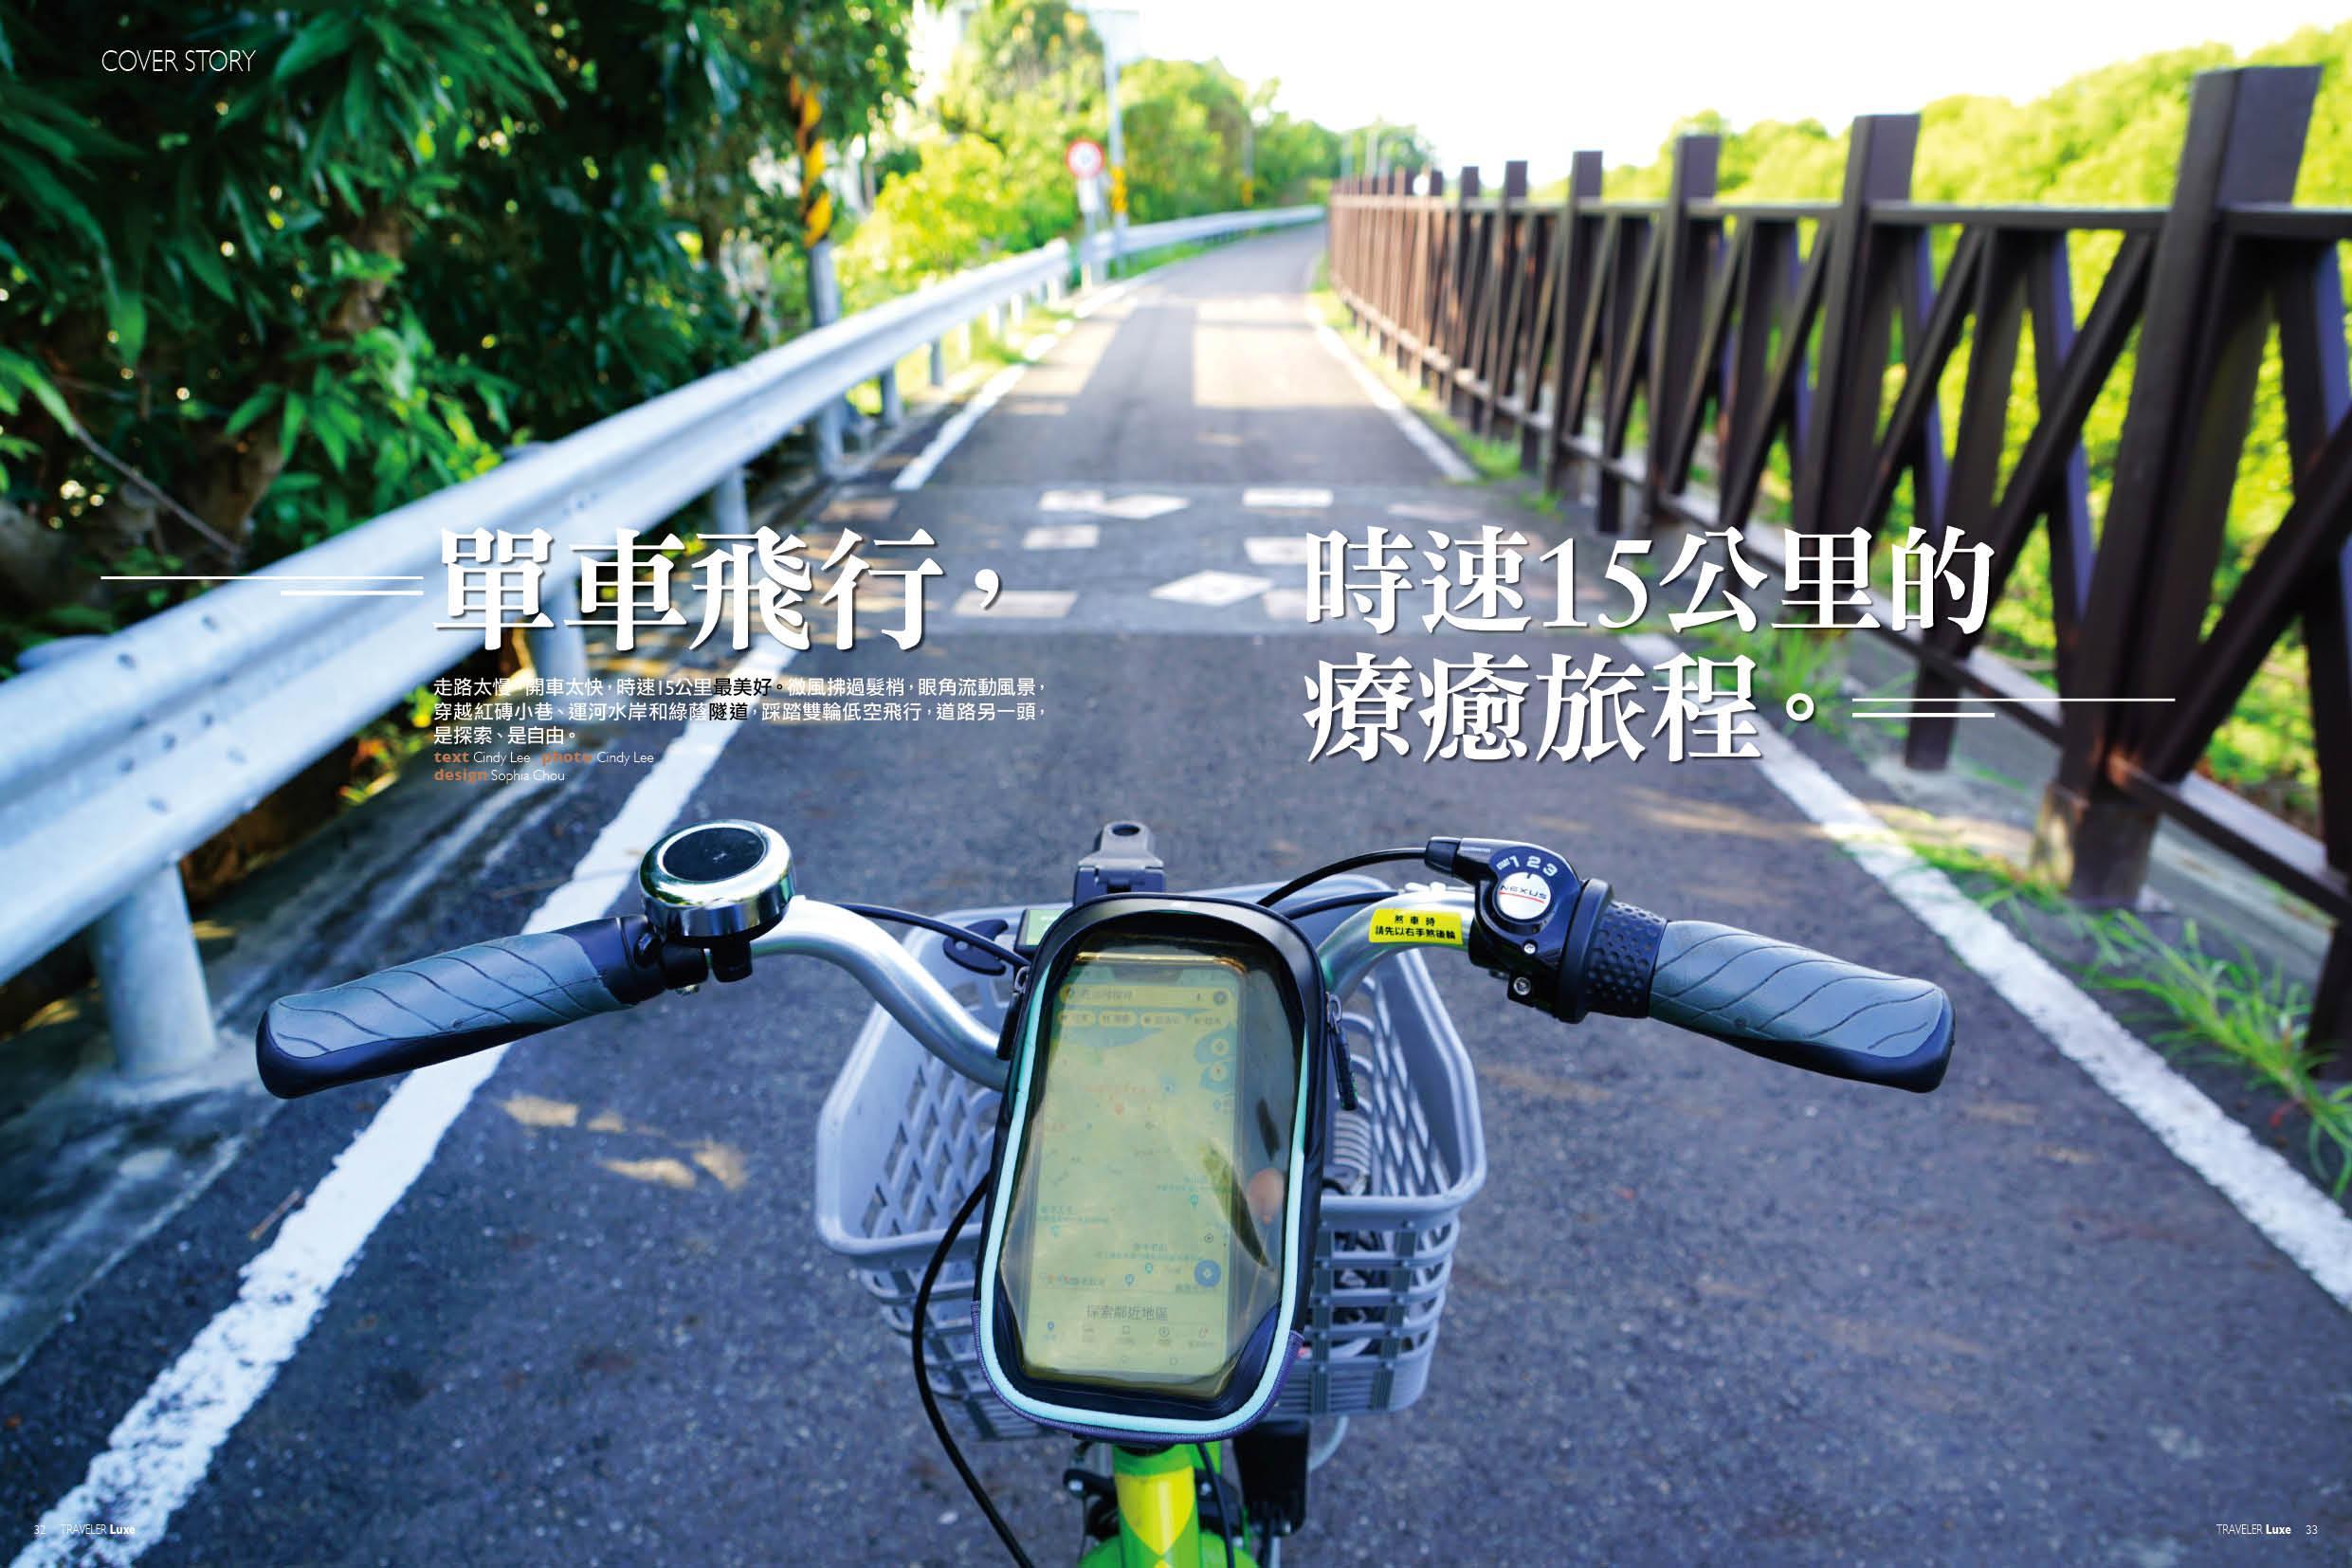 單車飛行,時速15公里的療癒旅程 pic1